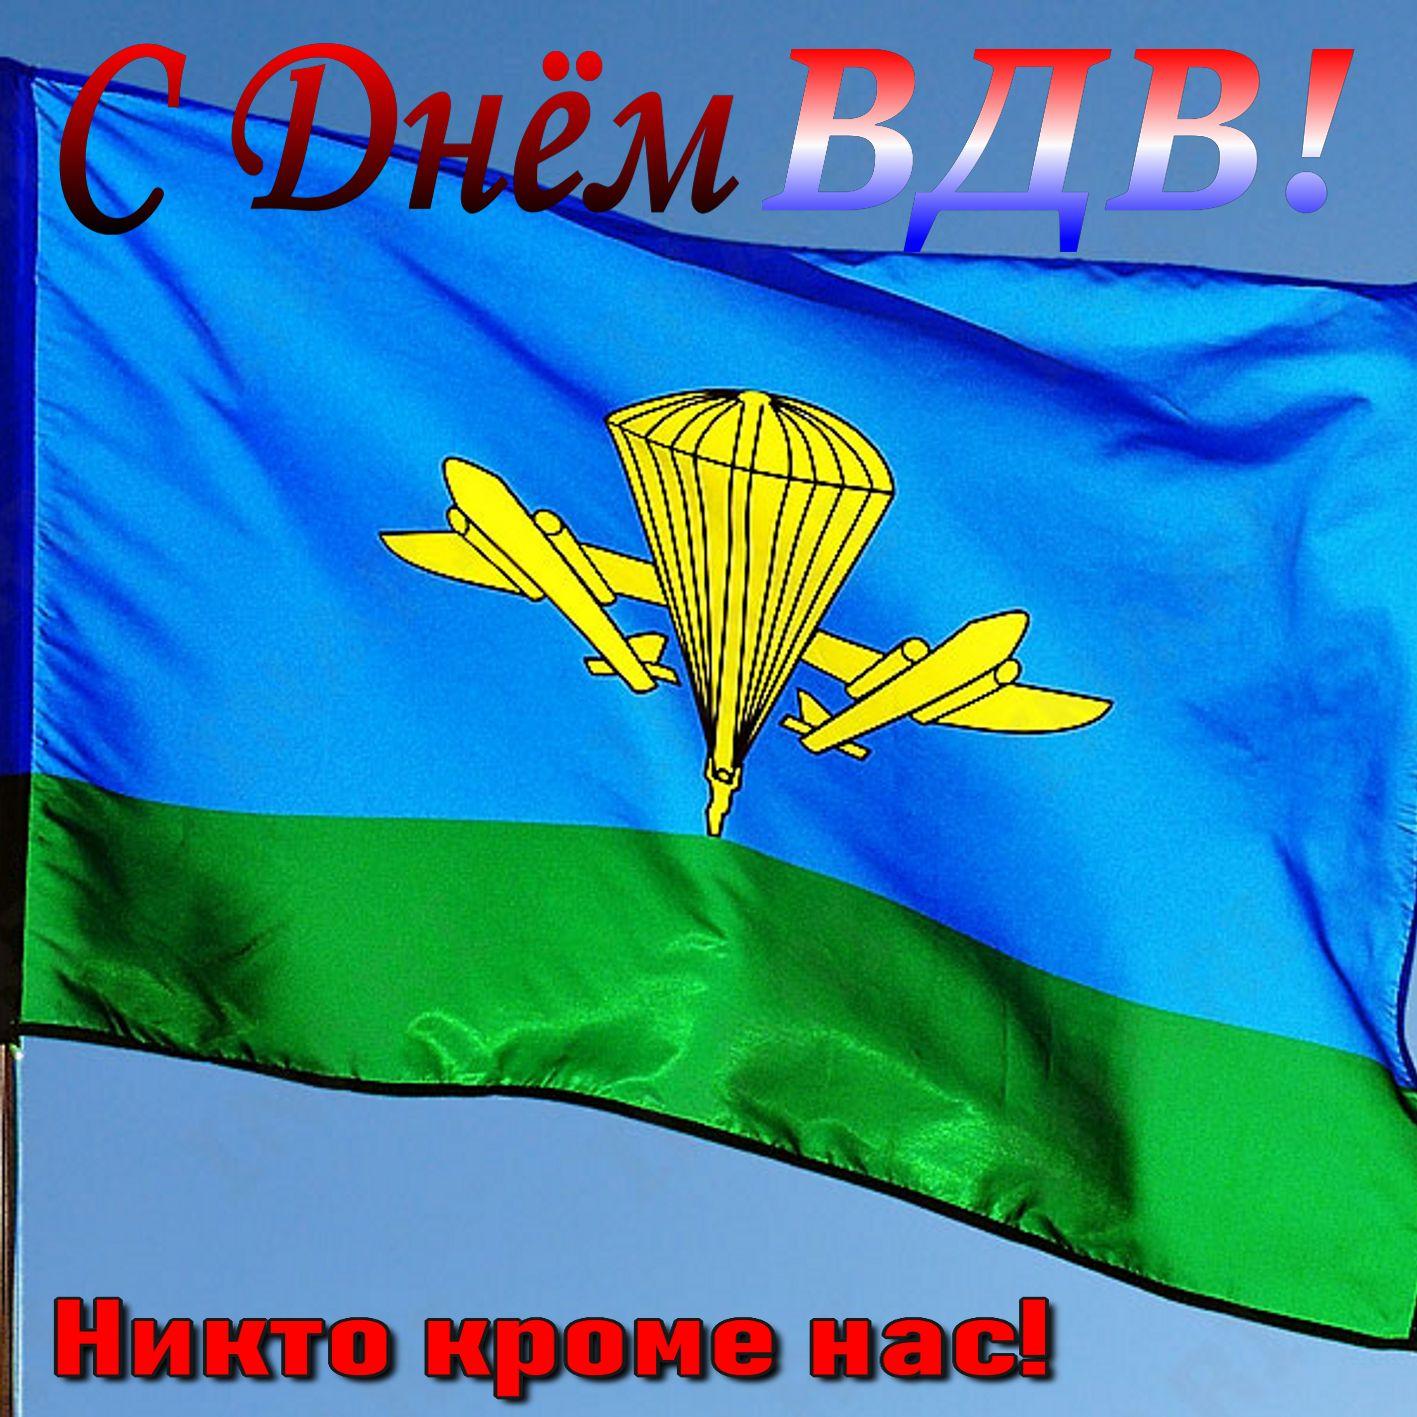 Открытка на День ВДВ - флаг Воздушно-десантных войск